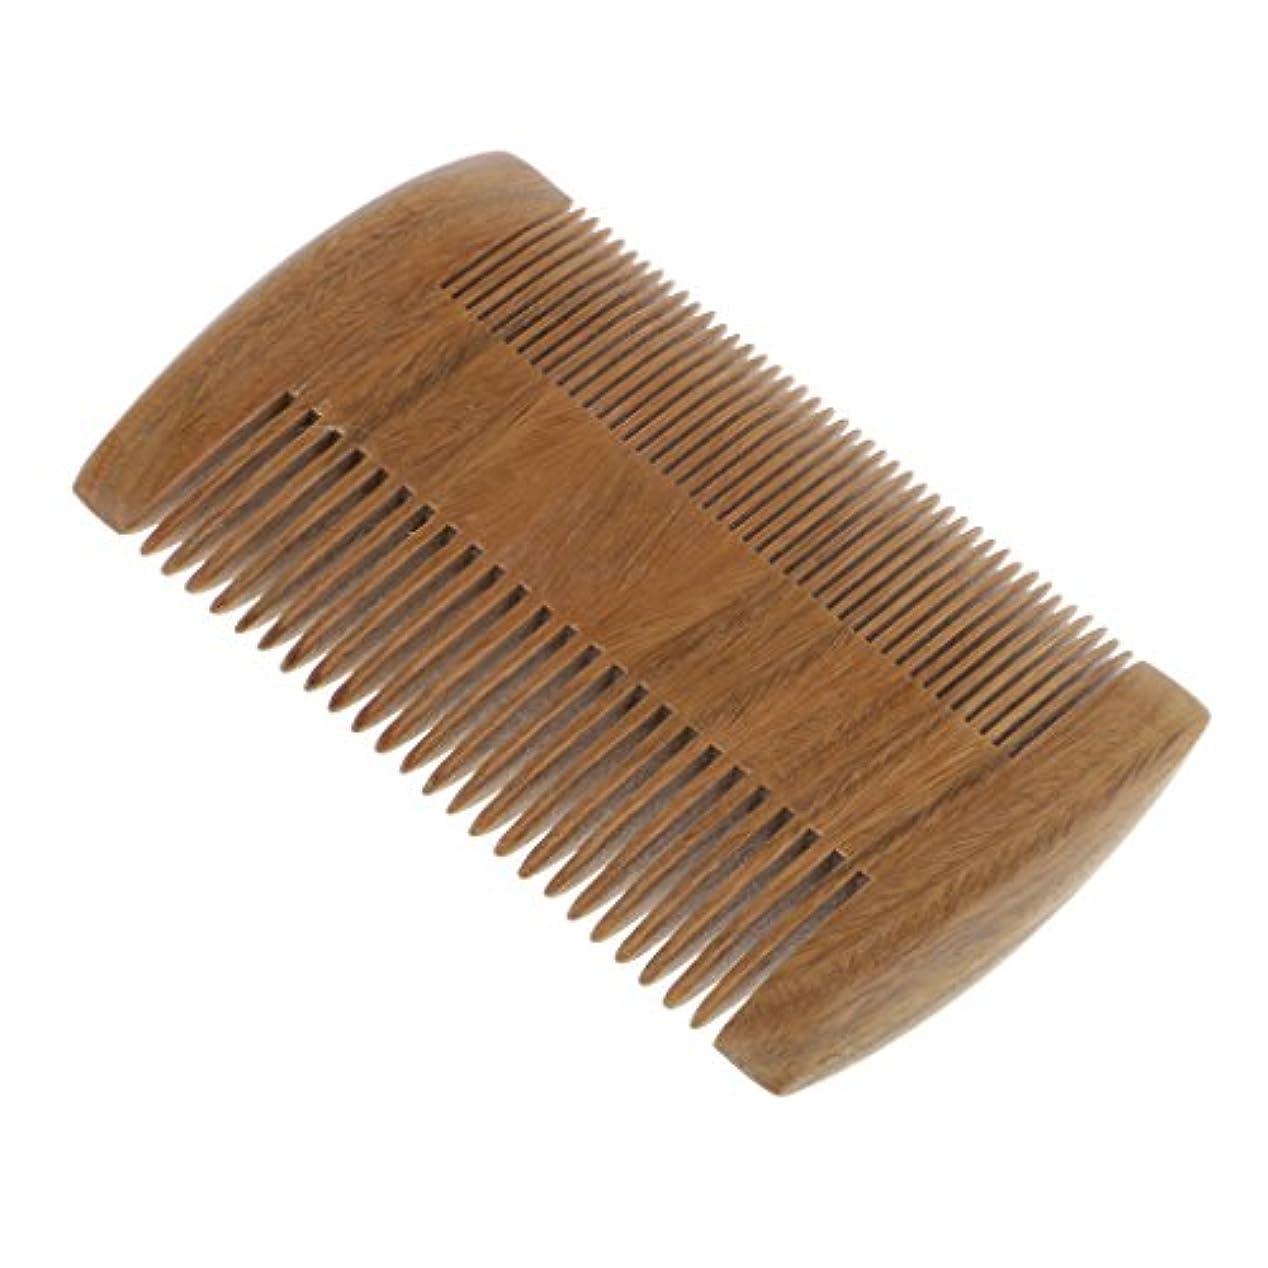 寓話出力制限する自然な緑の白檀の木製の櫛マッサージ手作りの髪の櫛静的でない - 9.7x6 cm